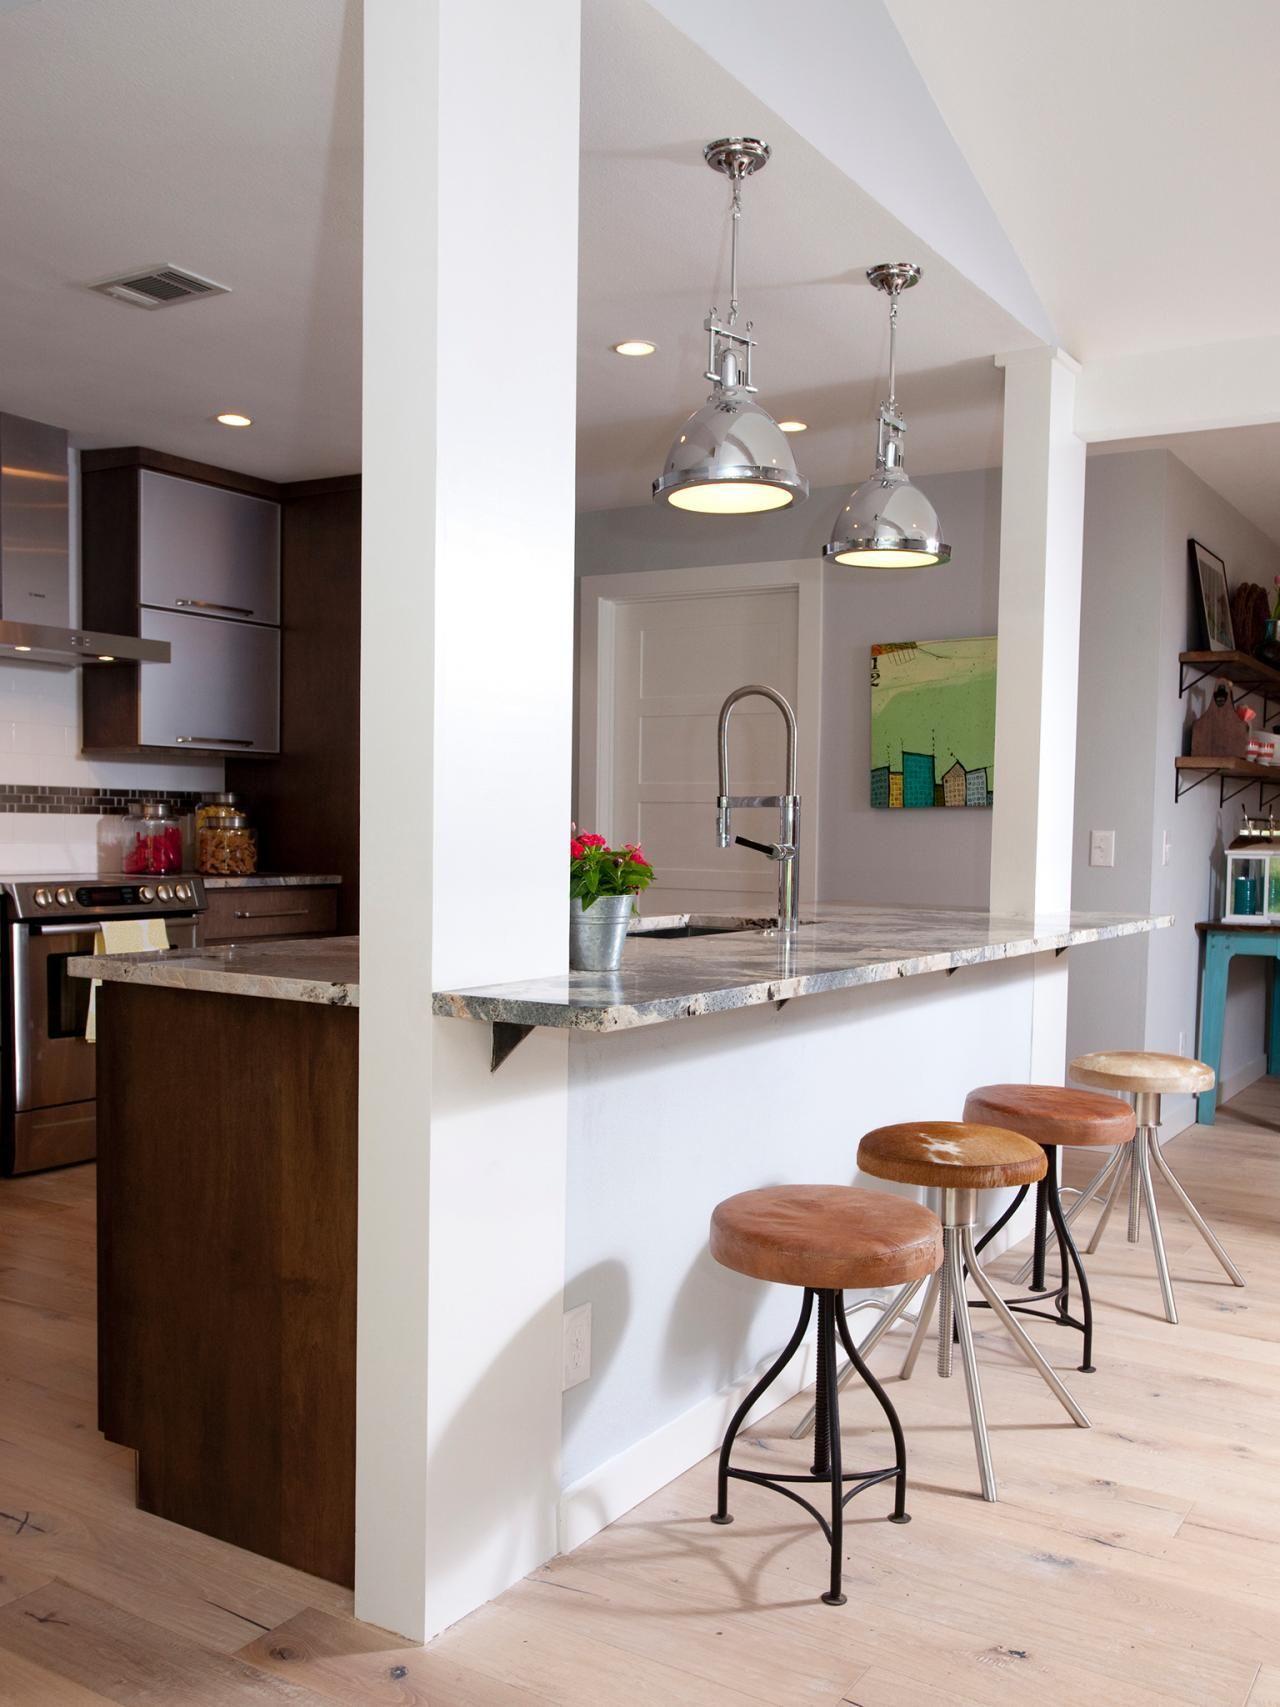 Explore Kitchen Island Ideas On Pinterest See More Ideas About Kitchen Island Ideas Small Kitchen Design Layout Kitchen Bar Design Small Kitchen Layouts